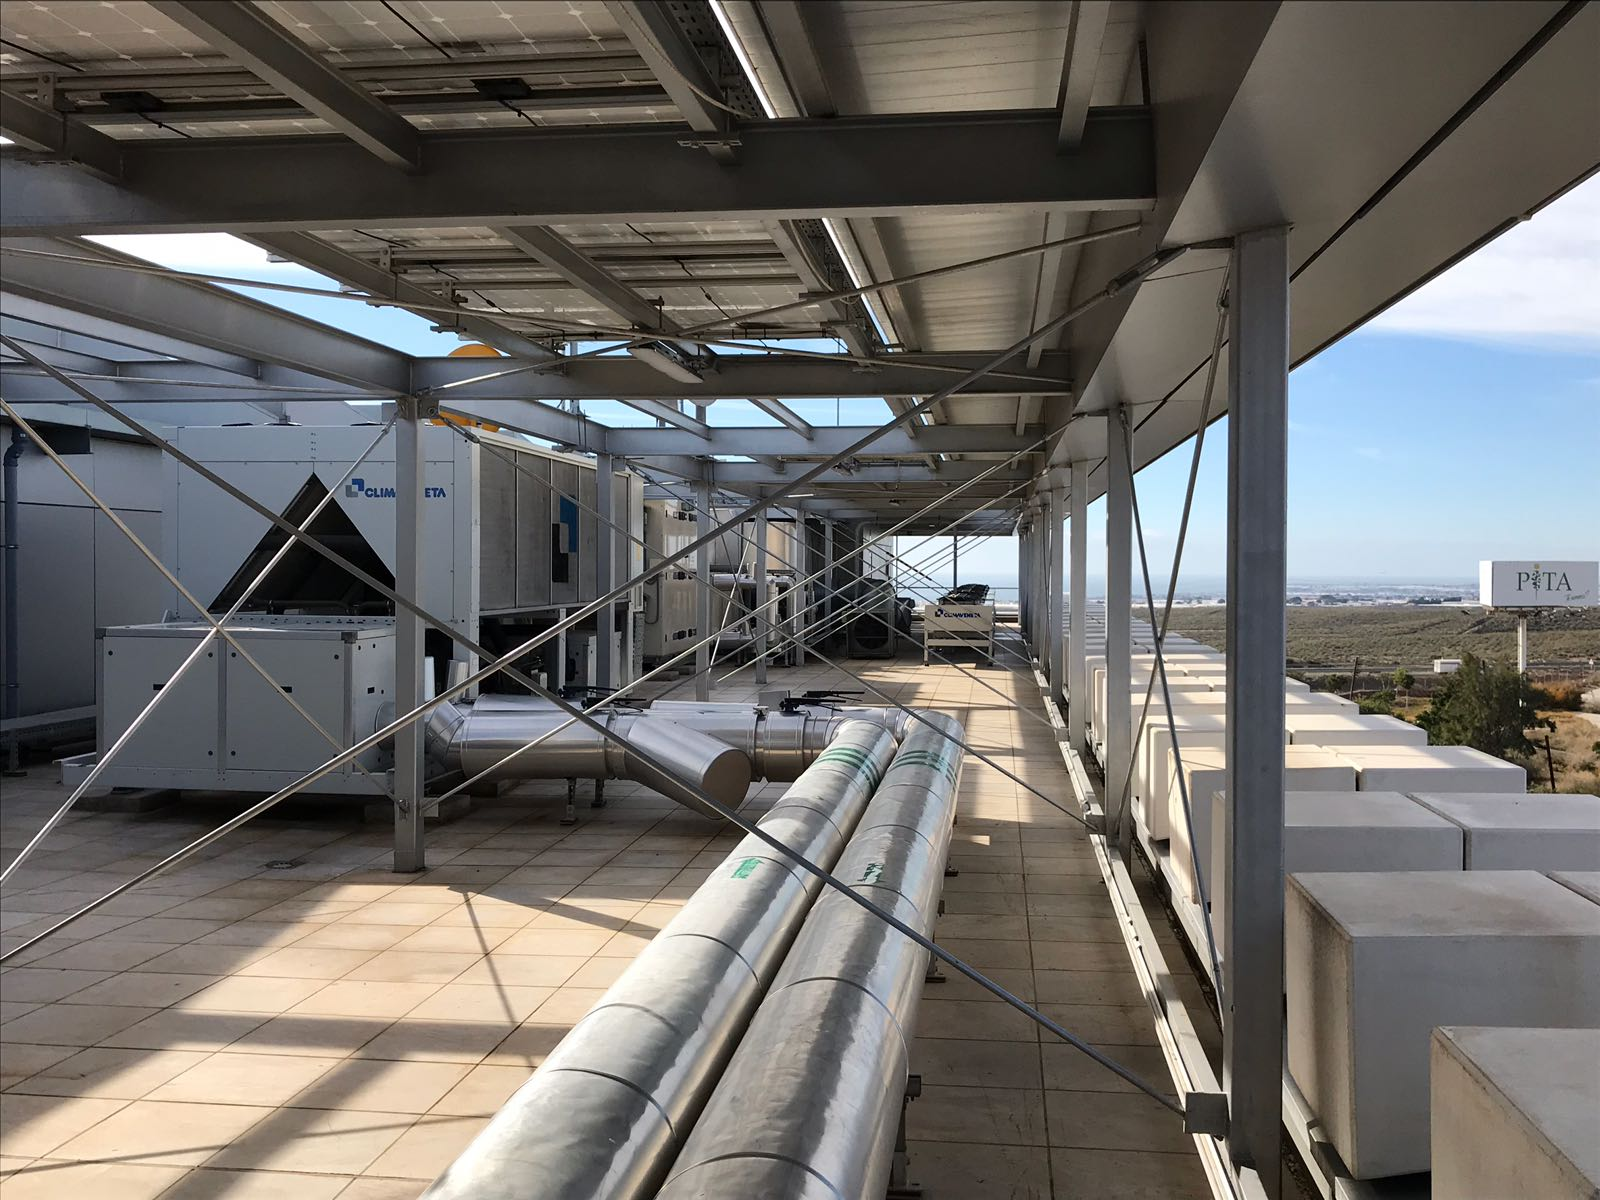 Mantenimiento integral del edificio de empresas for Empresas de mantenimiento de edificios en madrid